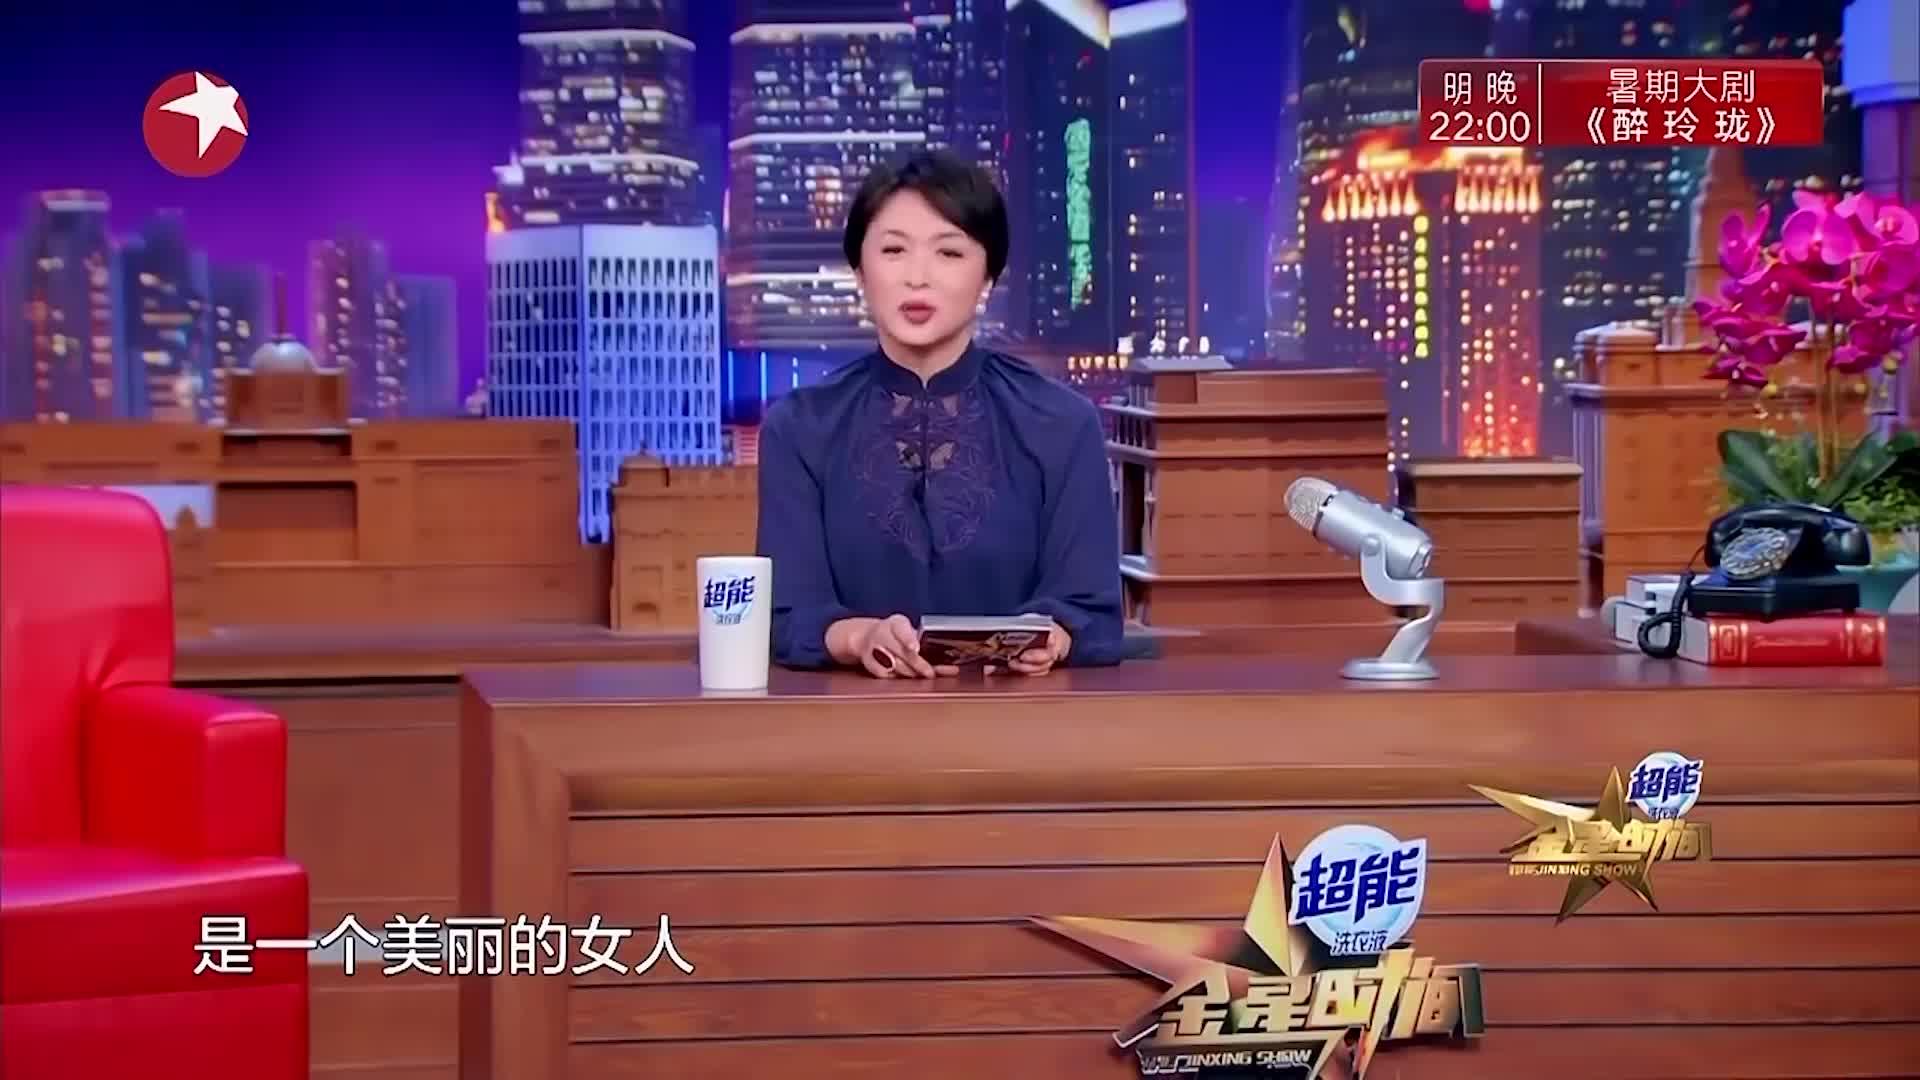 金星秀:金星称赞张歆艺有人情味,原来是因颁奖礼上的这件小事